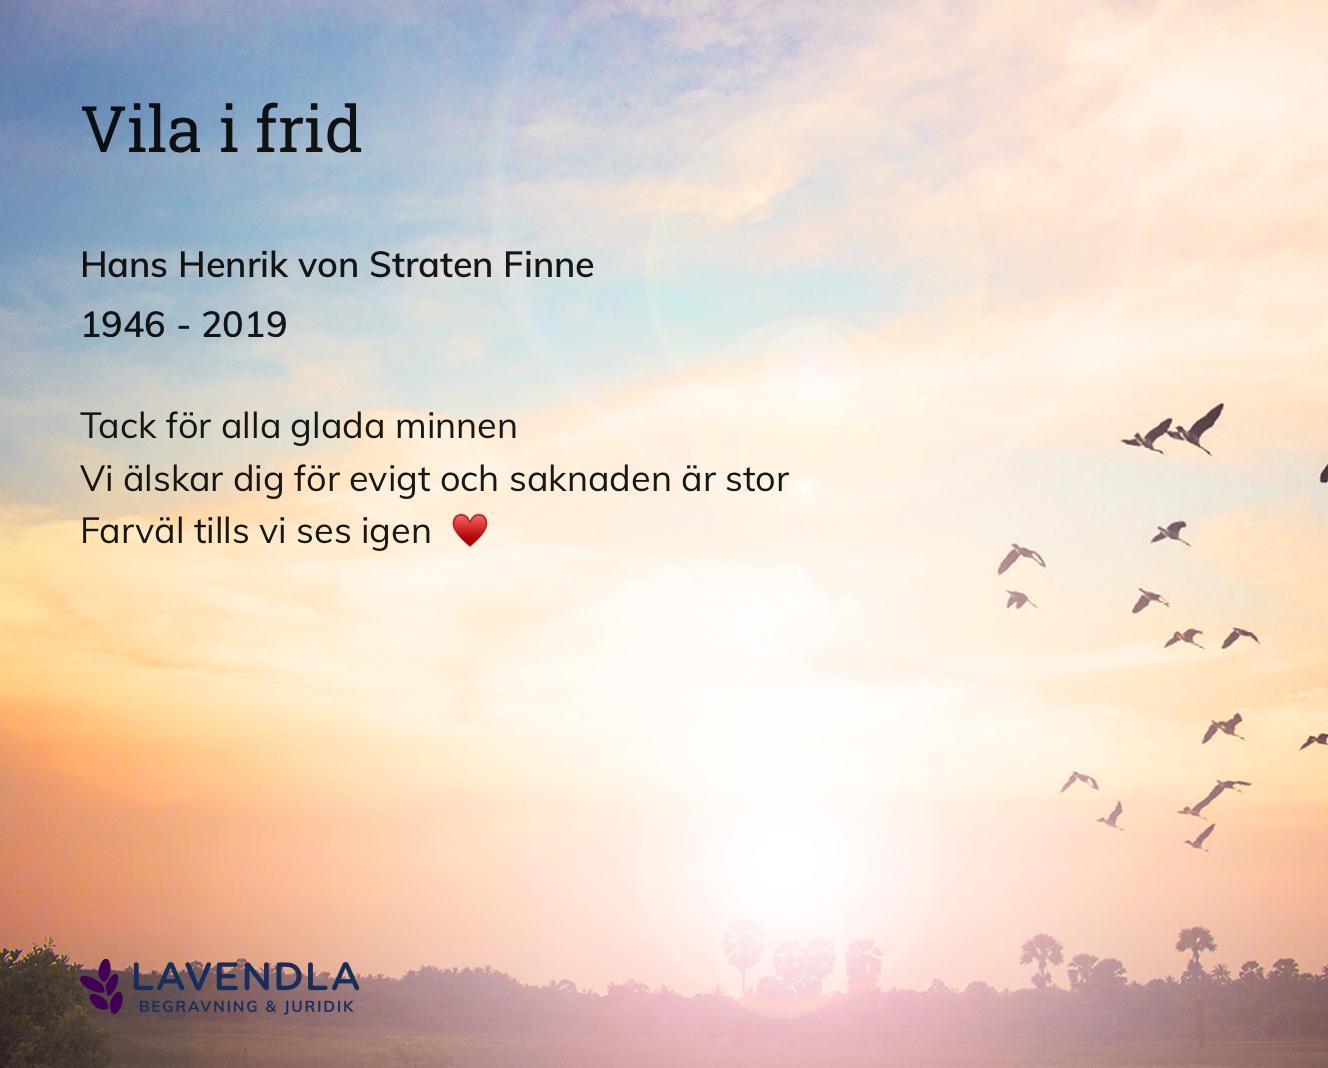 Inbjudningskort till ceremonin för Hans Henrik von Straten Finne